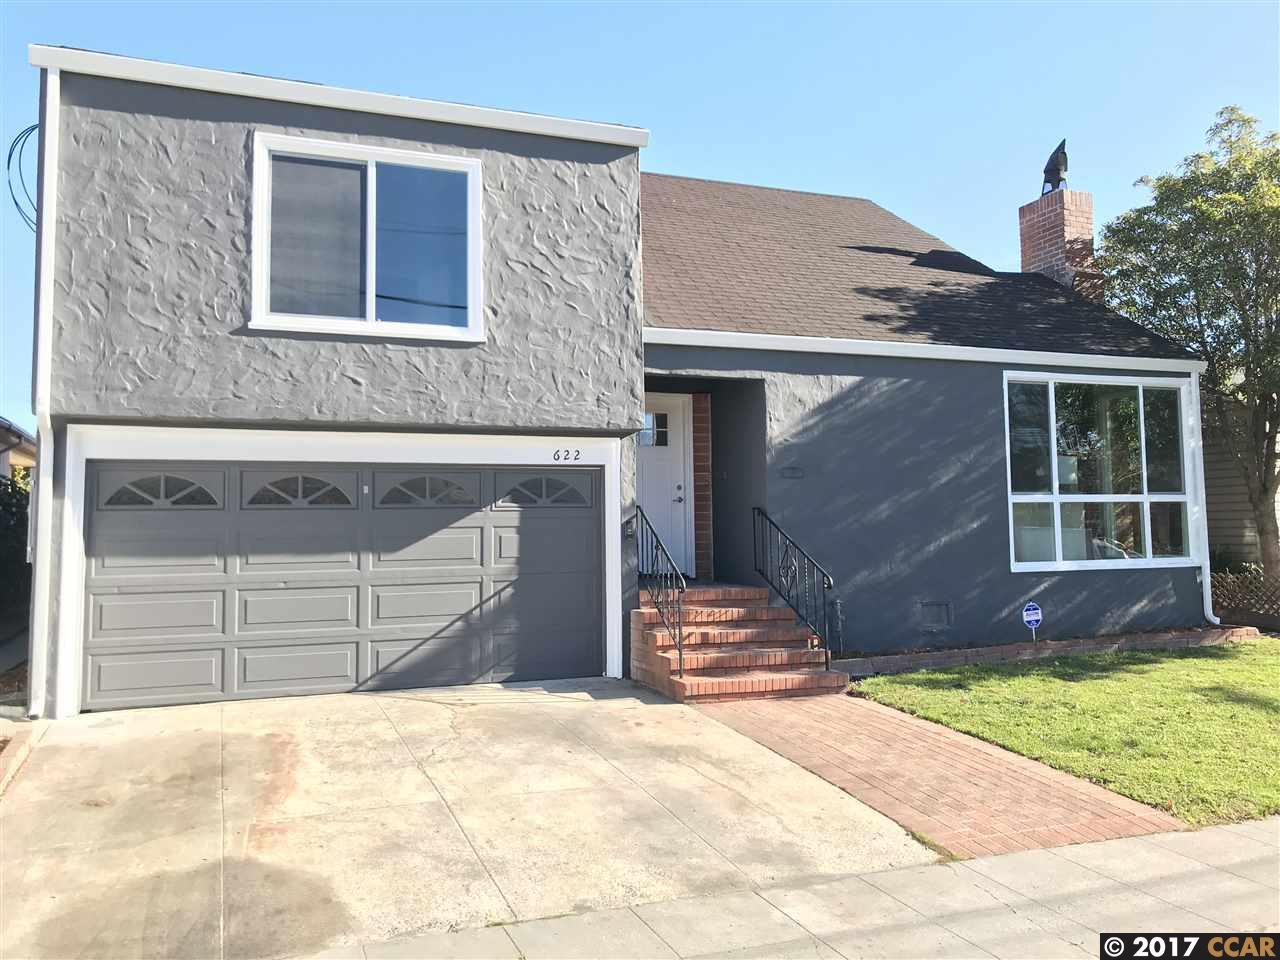 一戸建て のために 売買 アット 622 Civic Center Street 622 Civic Center Street Richmond, カリフォルニア 94804 アメリカ合衆国